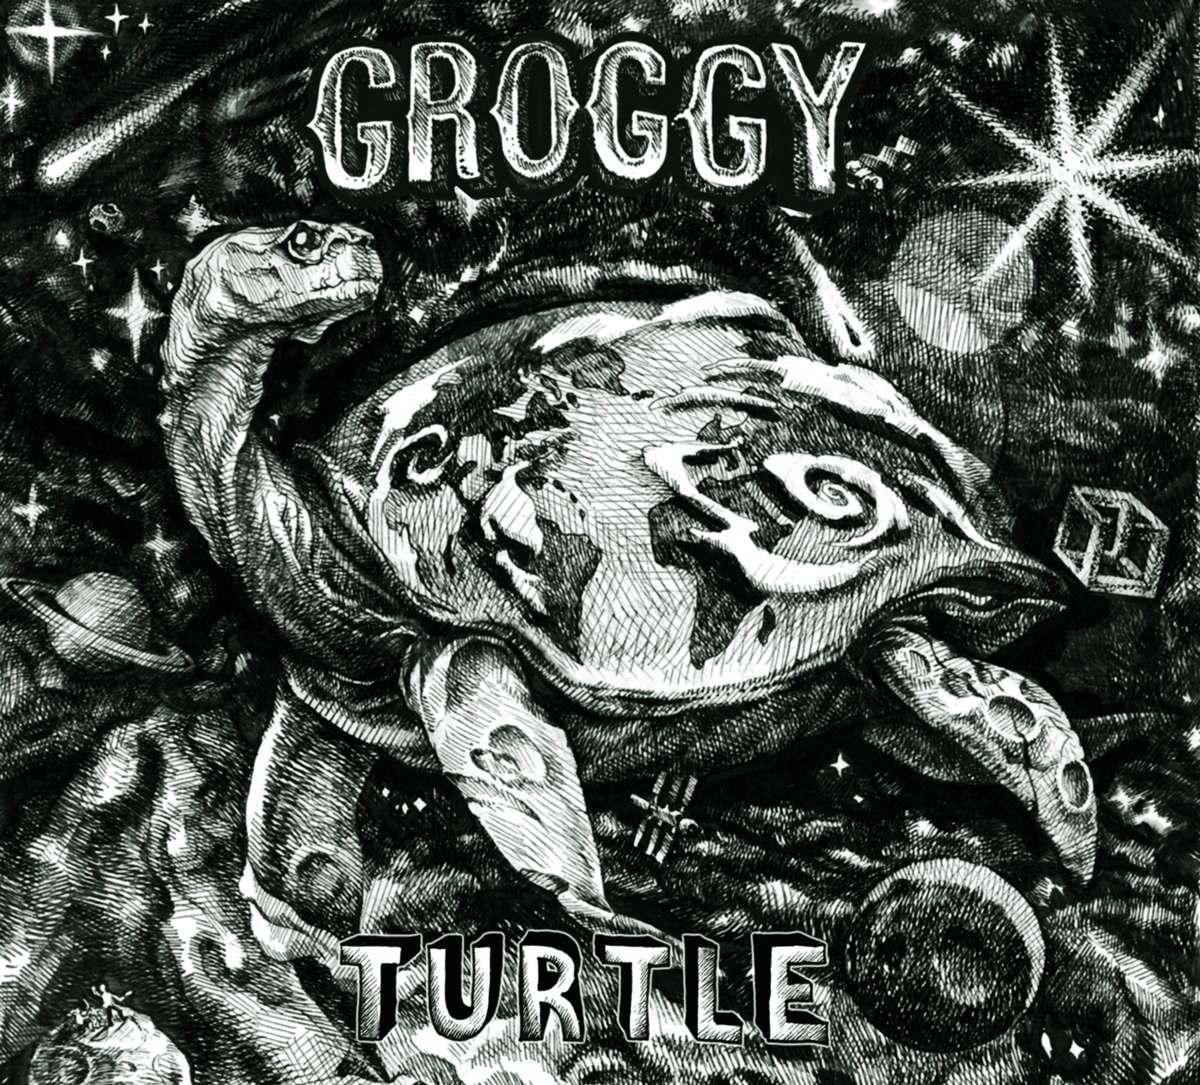 Groggy - Turtle